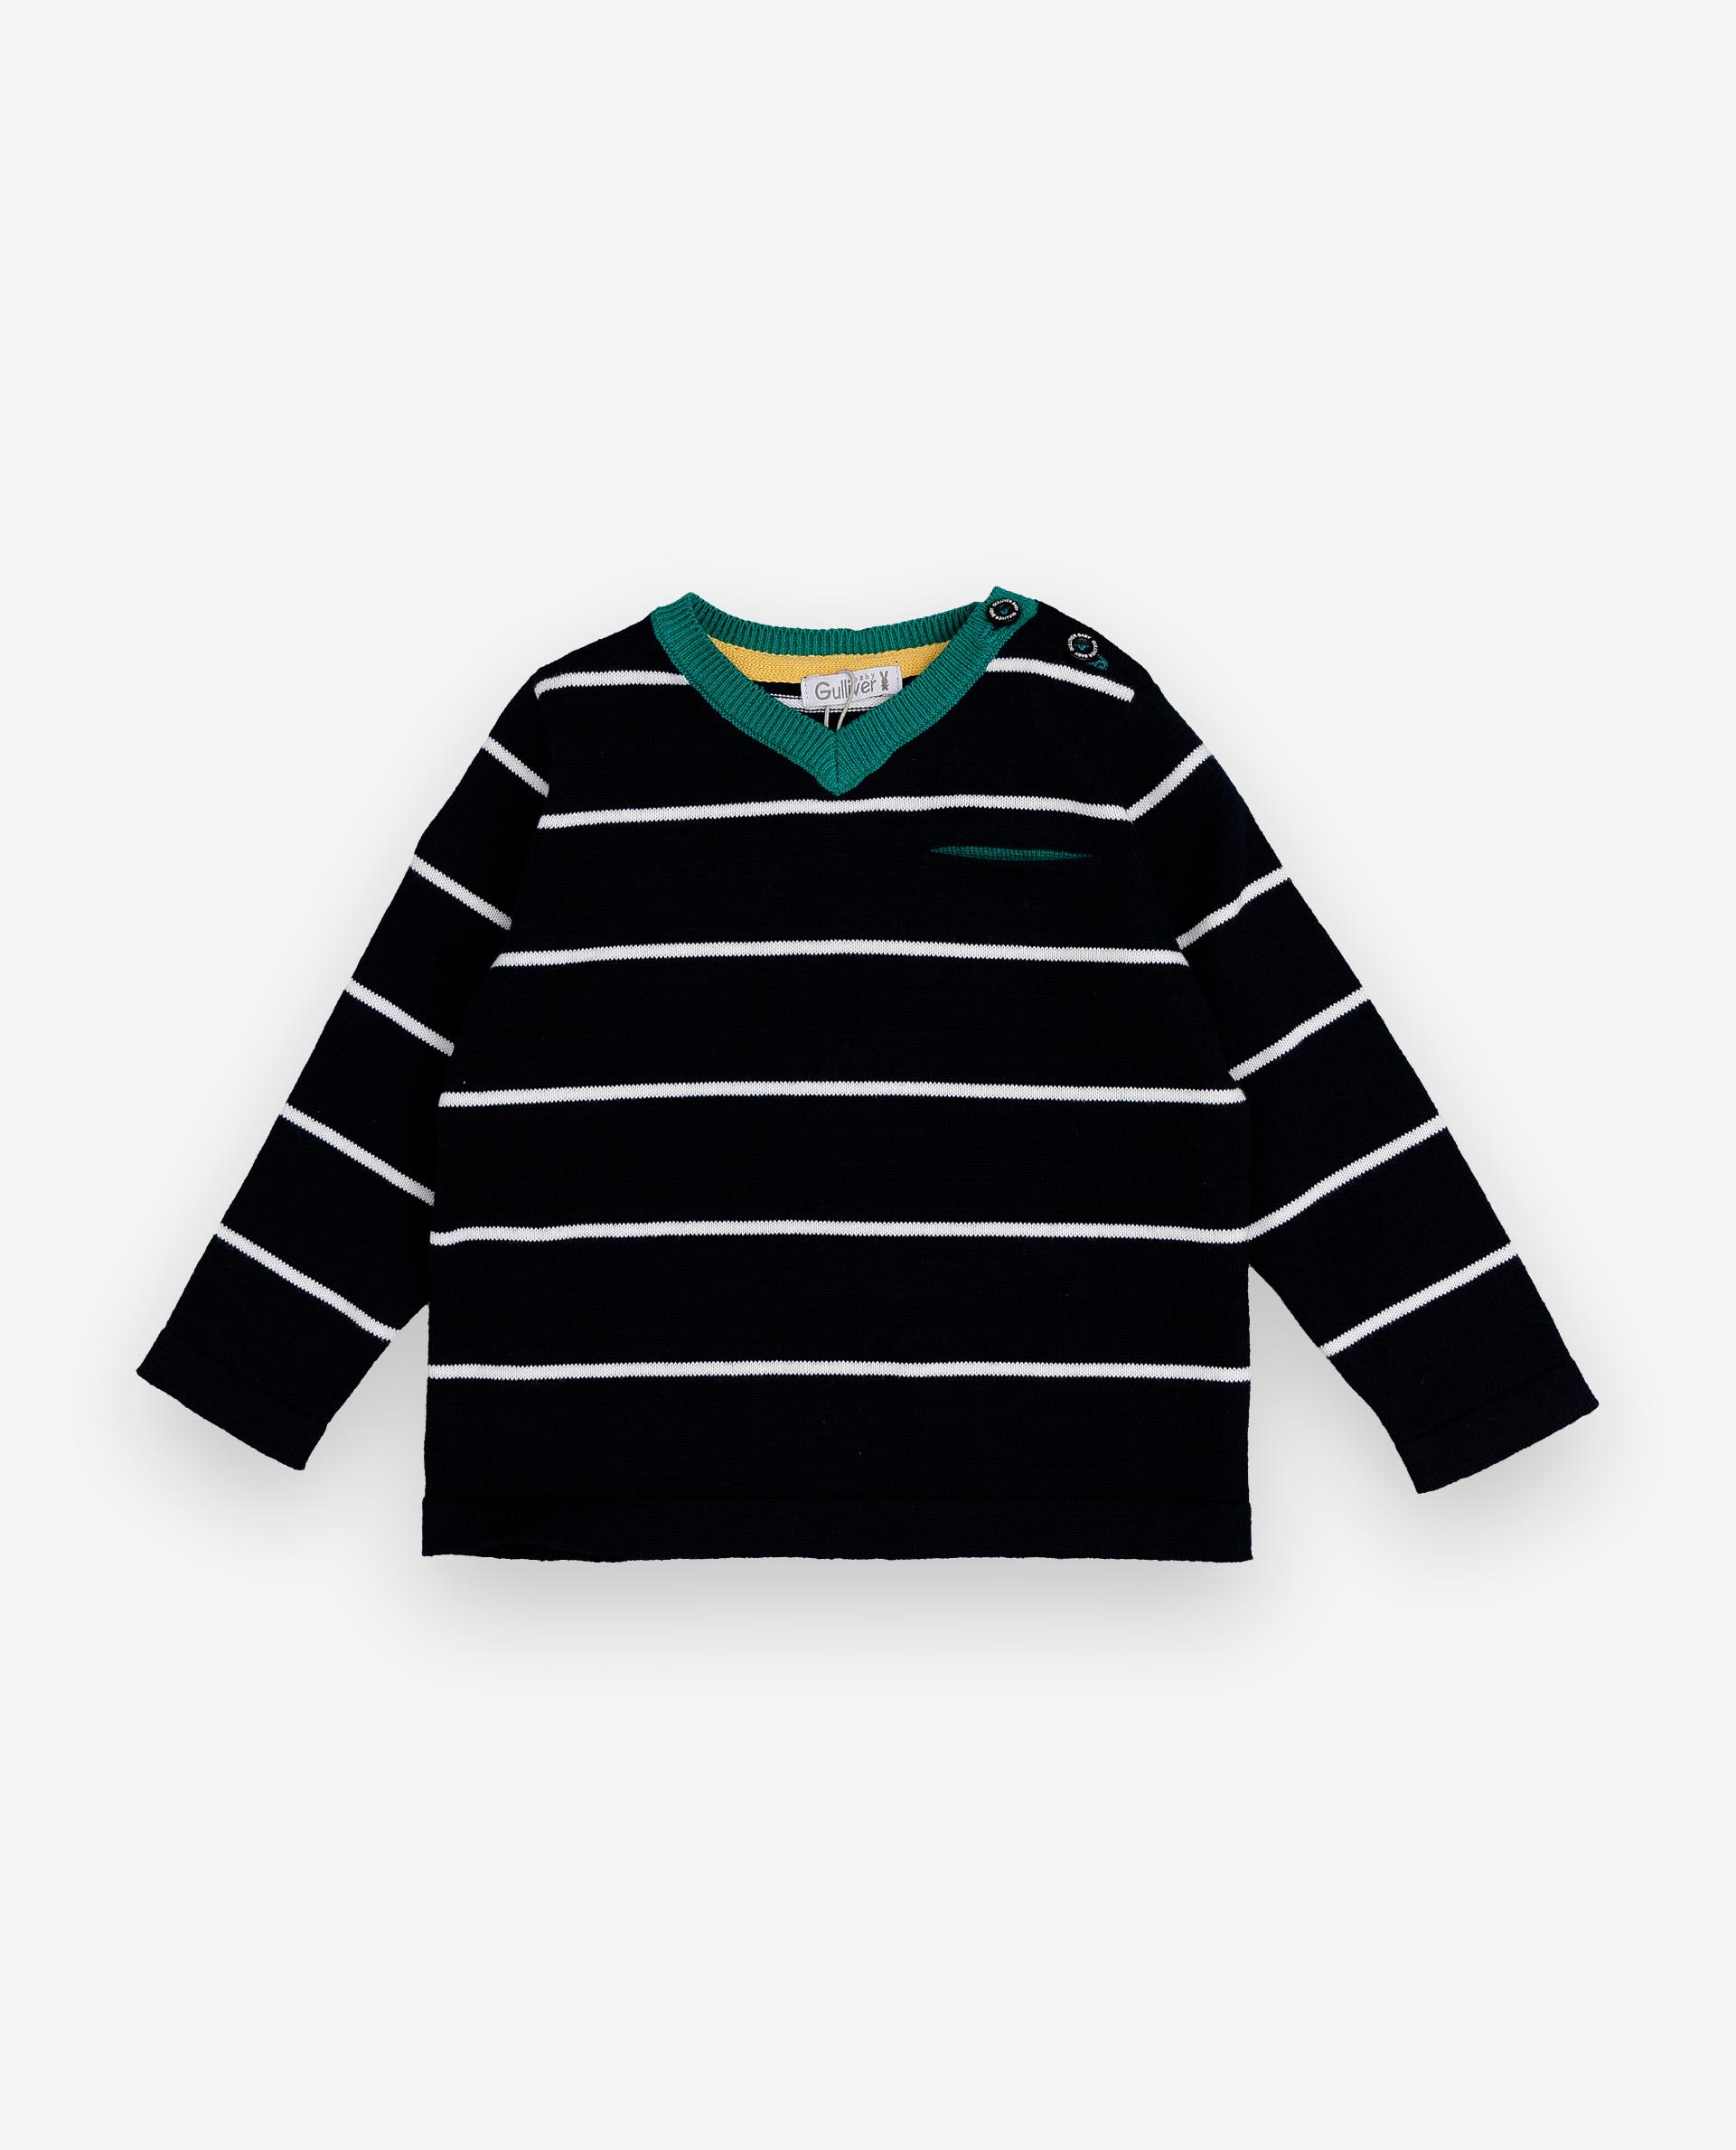 Купить 12033BBC3101, Джемпер для мальчиков Gulliver, цв. синий, р.80, Кофточки, футболки для новорожденных